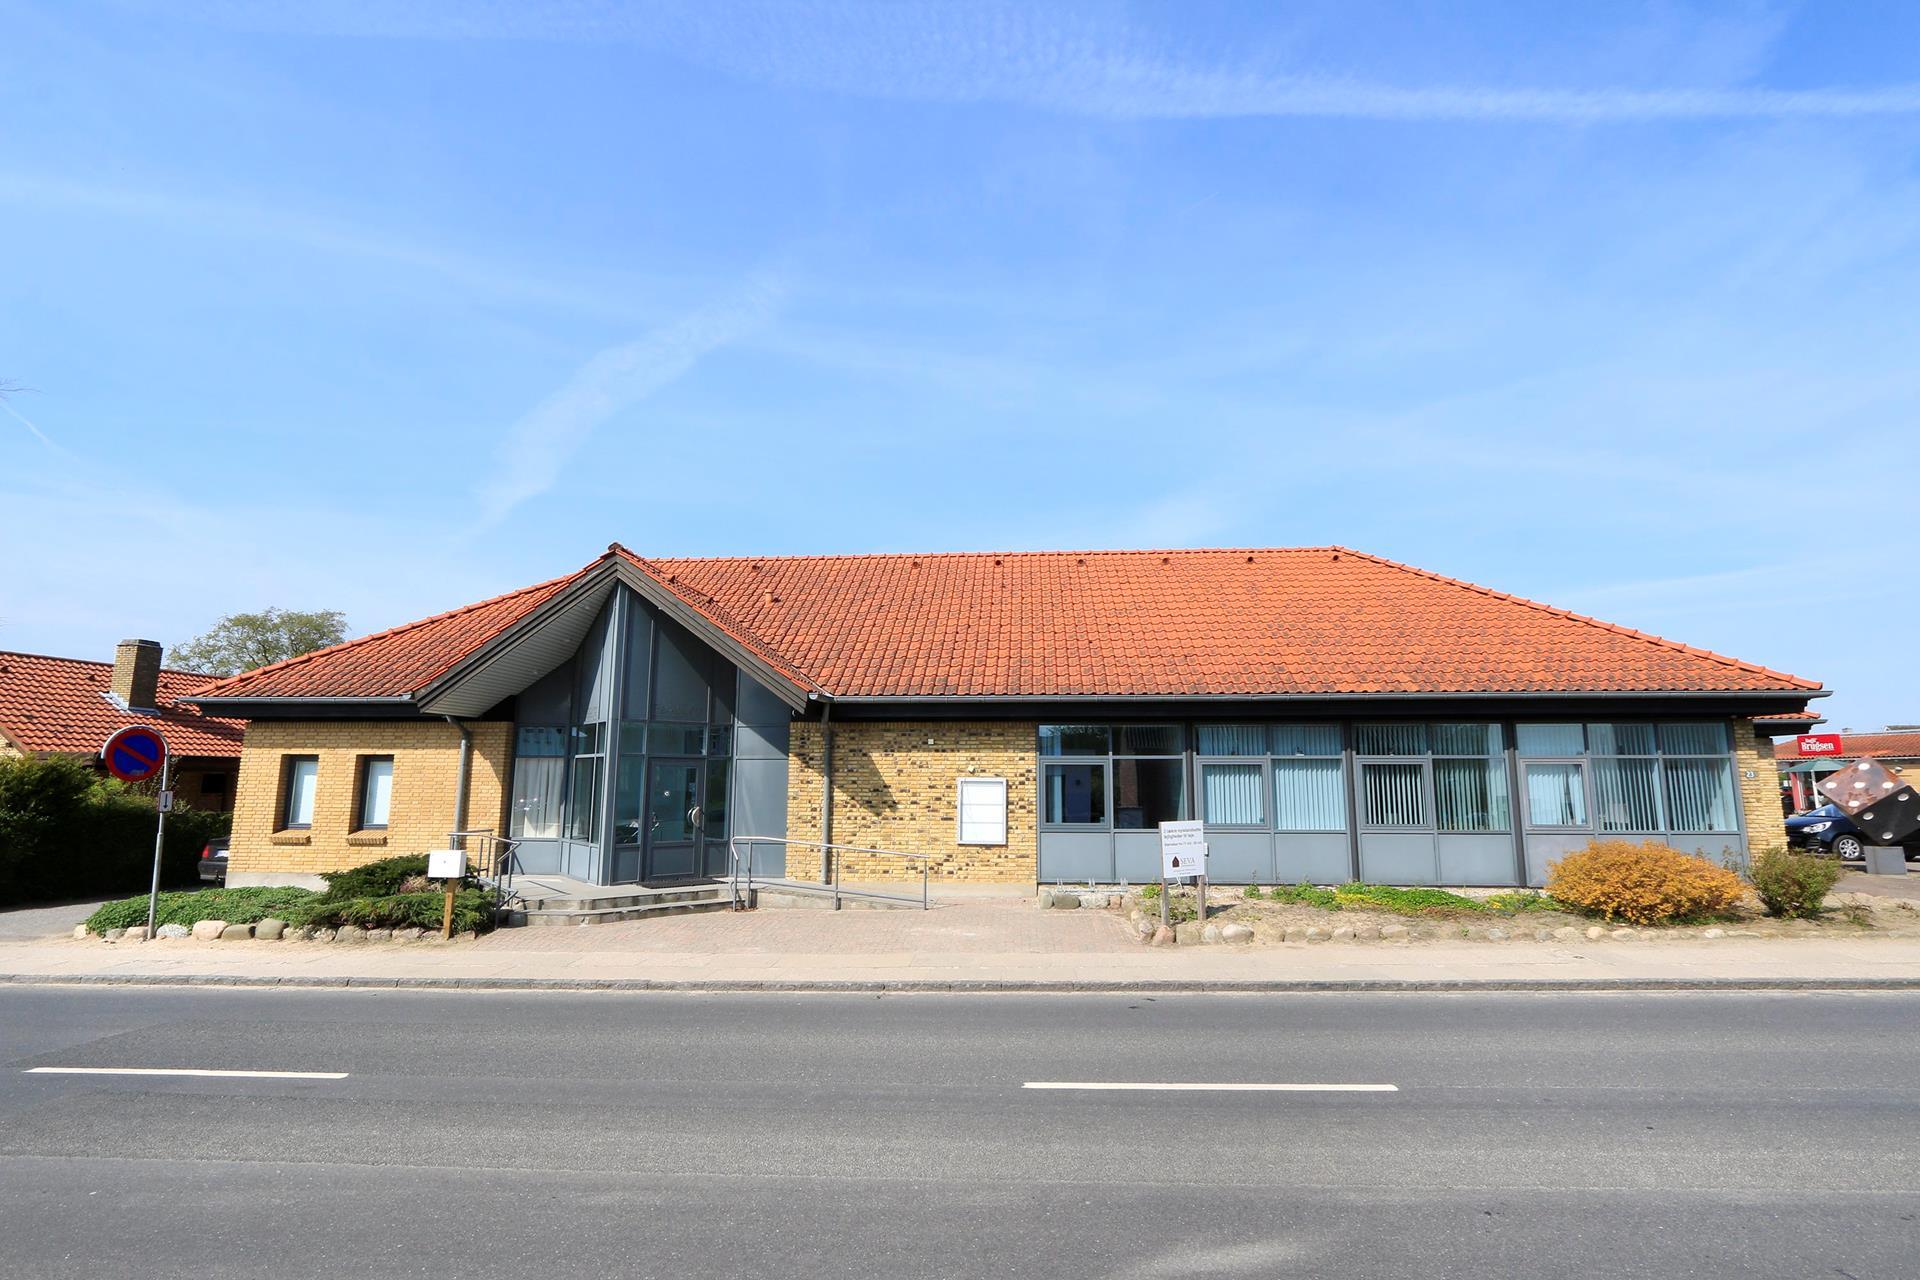 Bolig/erhverv på Hestehavevej i Ryslinge - Facade